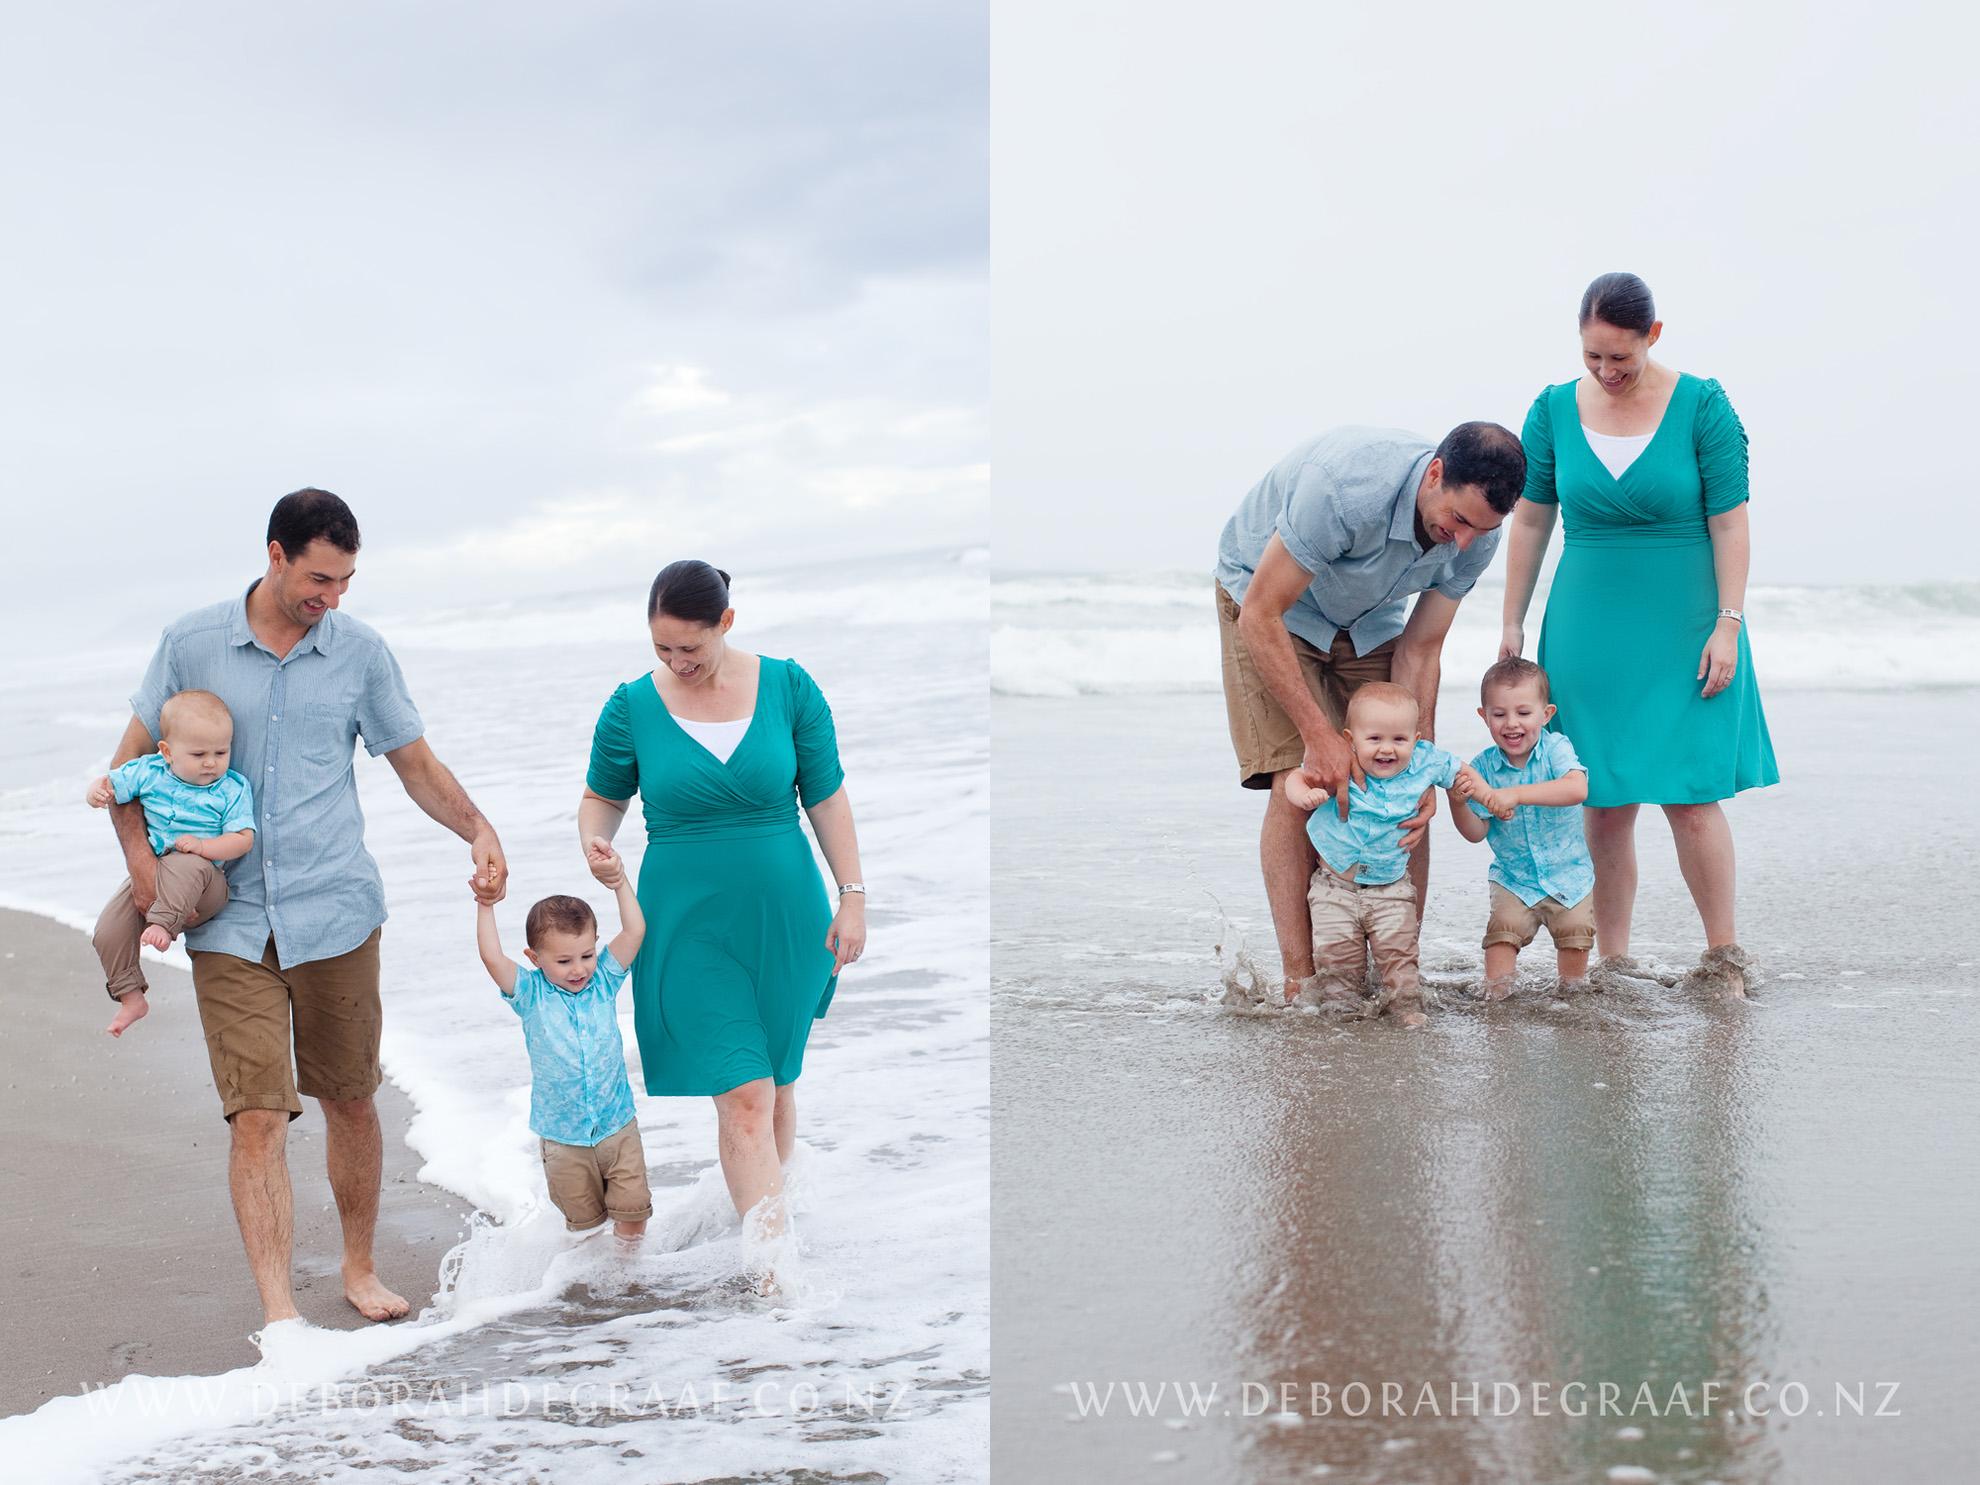 Fun-family-photos-at-the-beach.jpg